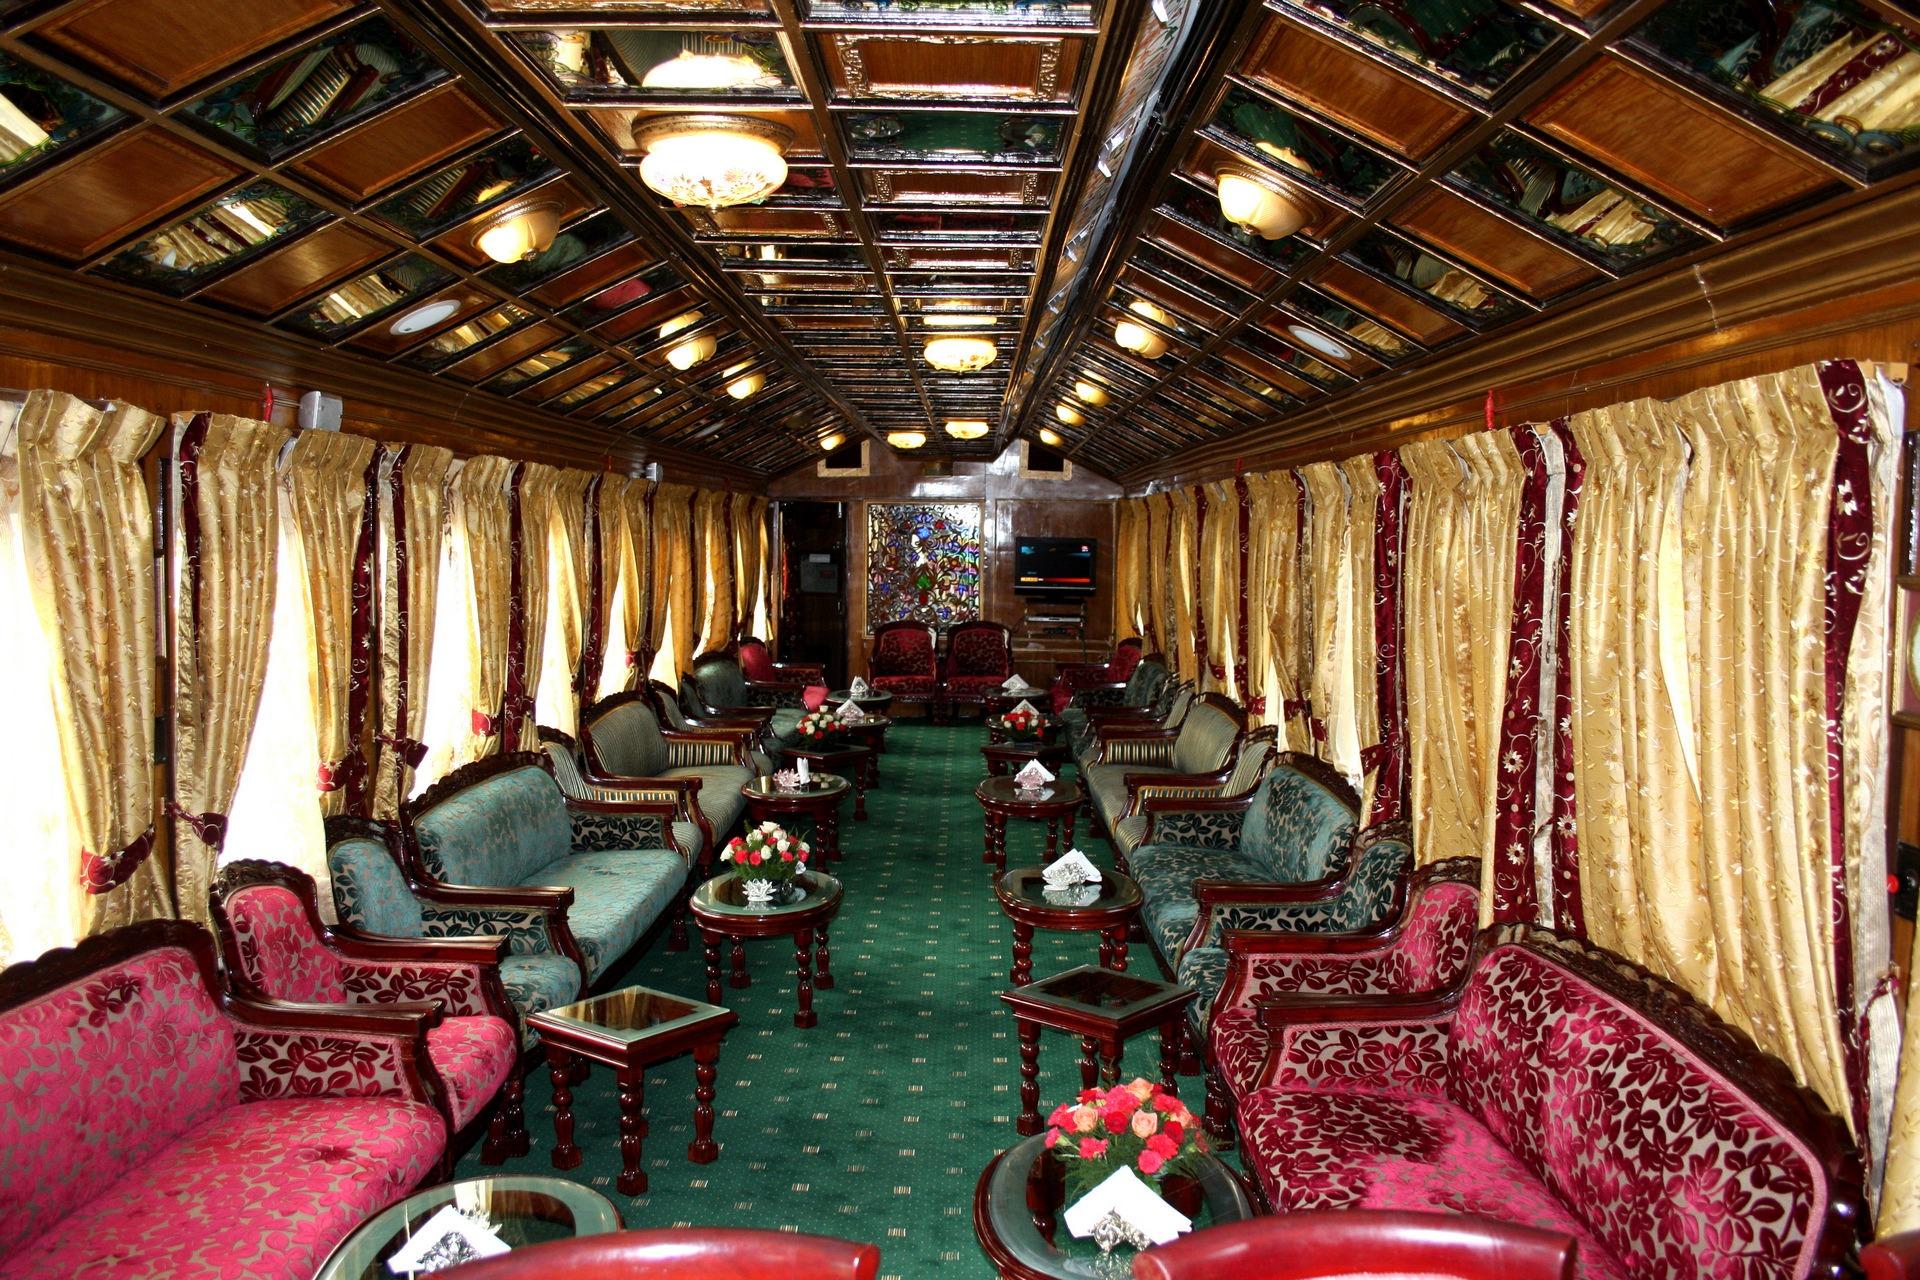 NOMAD-luksusowe-pociągi-Palace-on-wheels-Indie-05